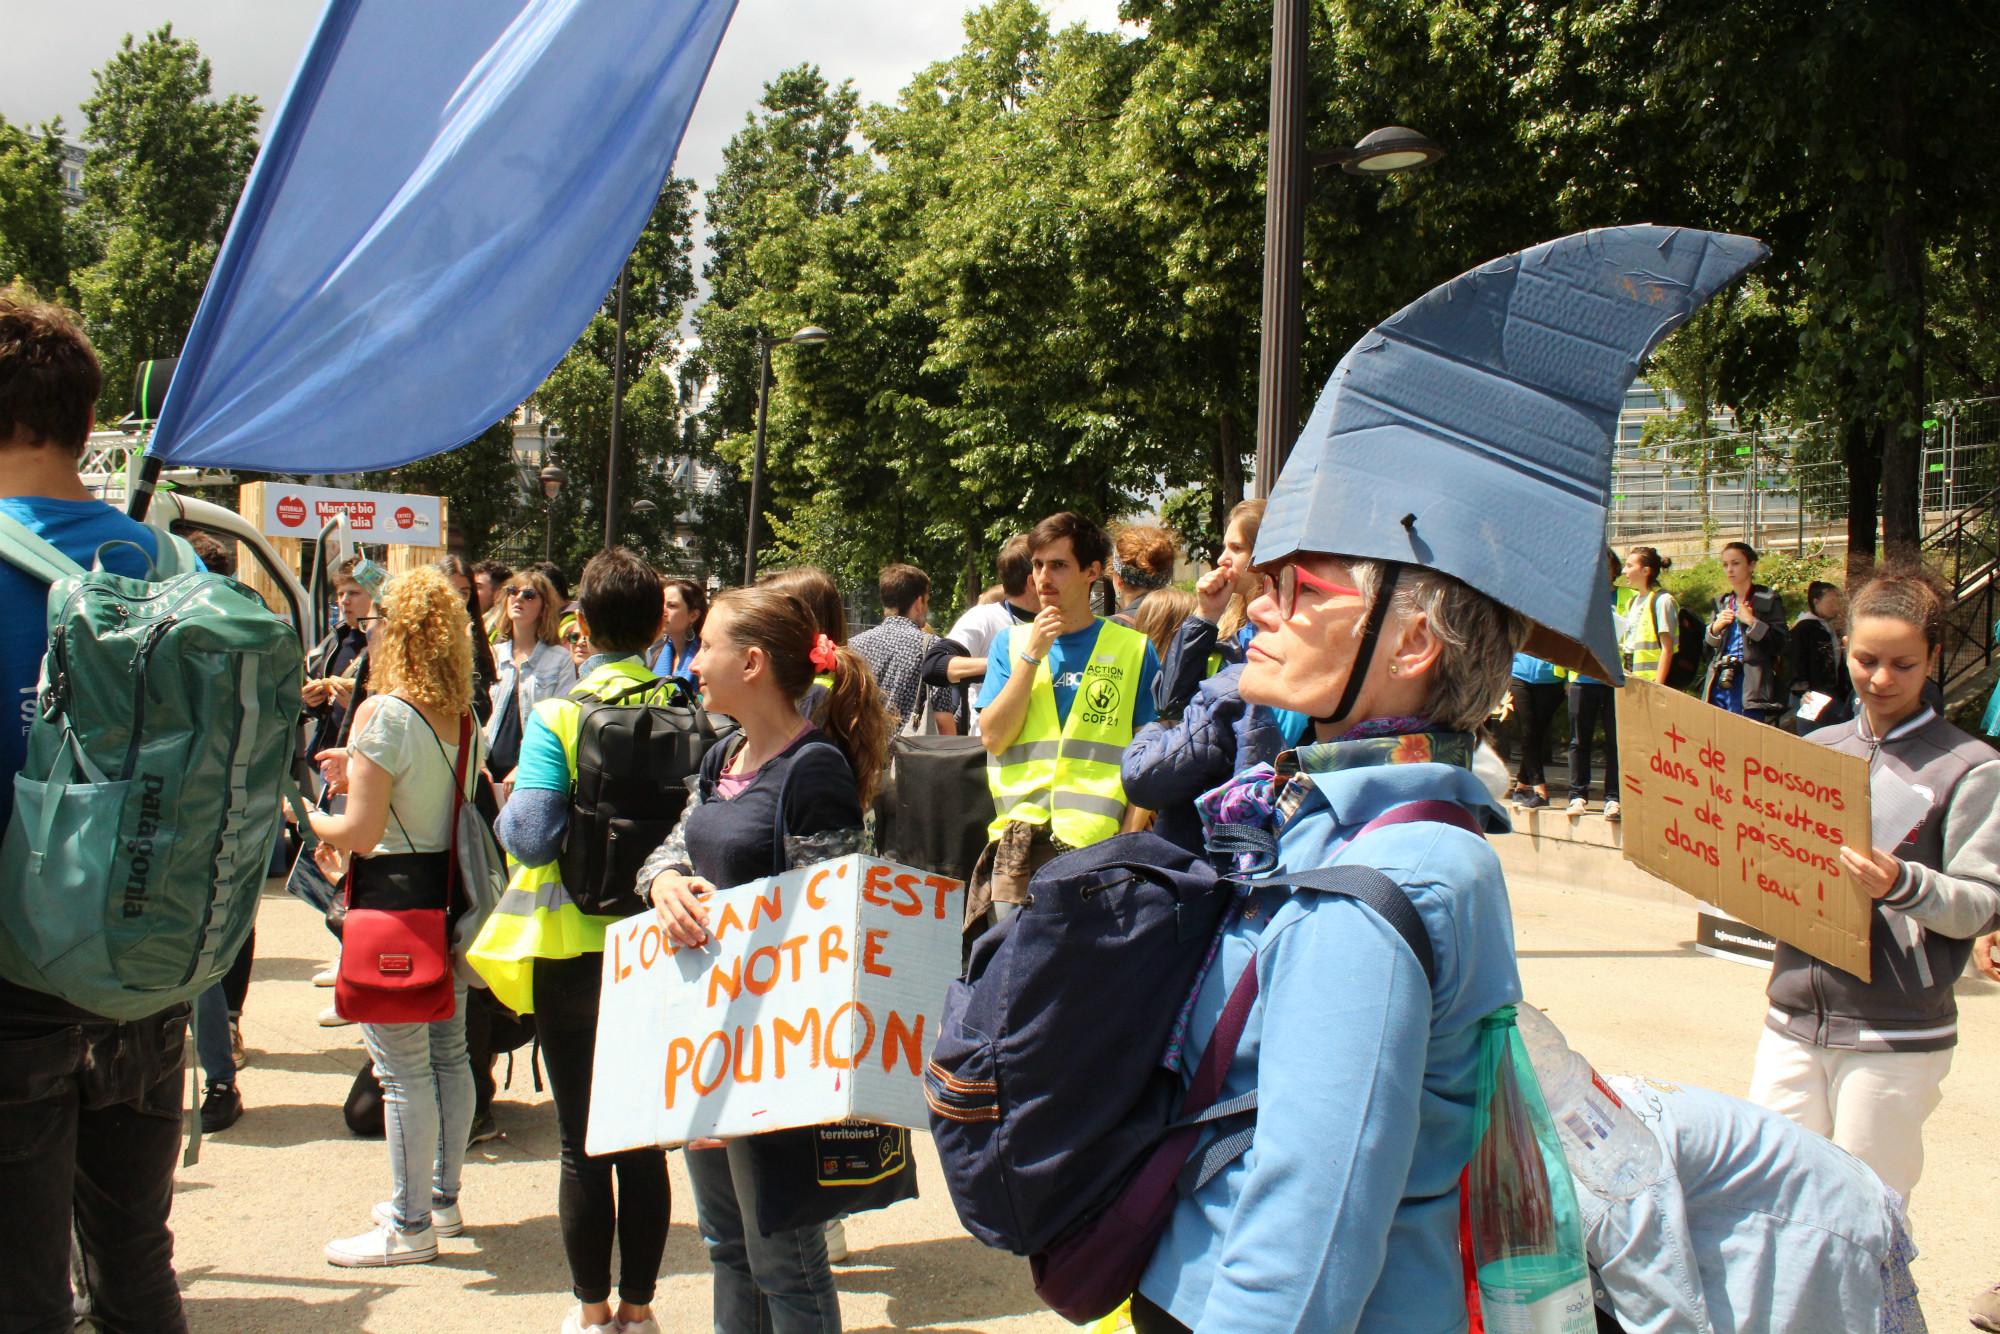 Des chapeaux en forme de nageoire de requins étaient distribués par les ONG organisatrices de la Marche pour l'Océan / ©Cypriane El-Chami